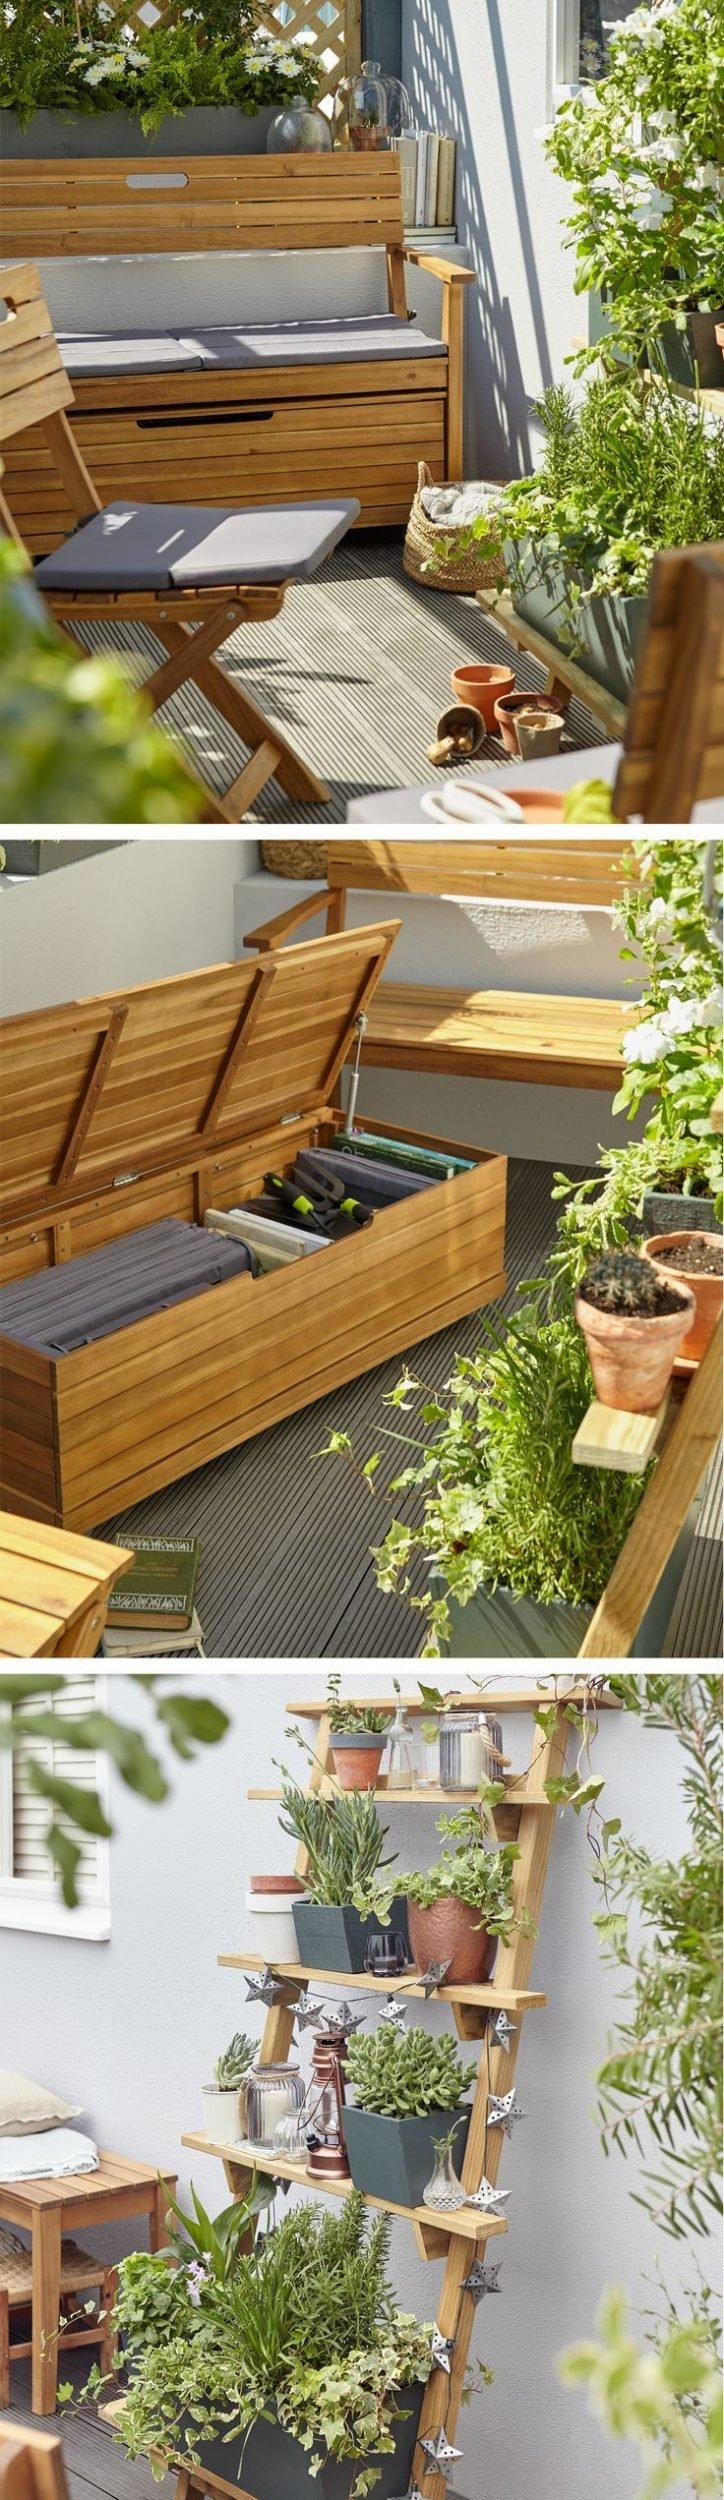 Terrassen und Gartengestaltung Ideen zum Nachmachen